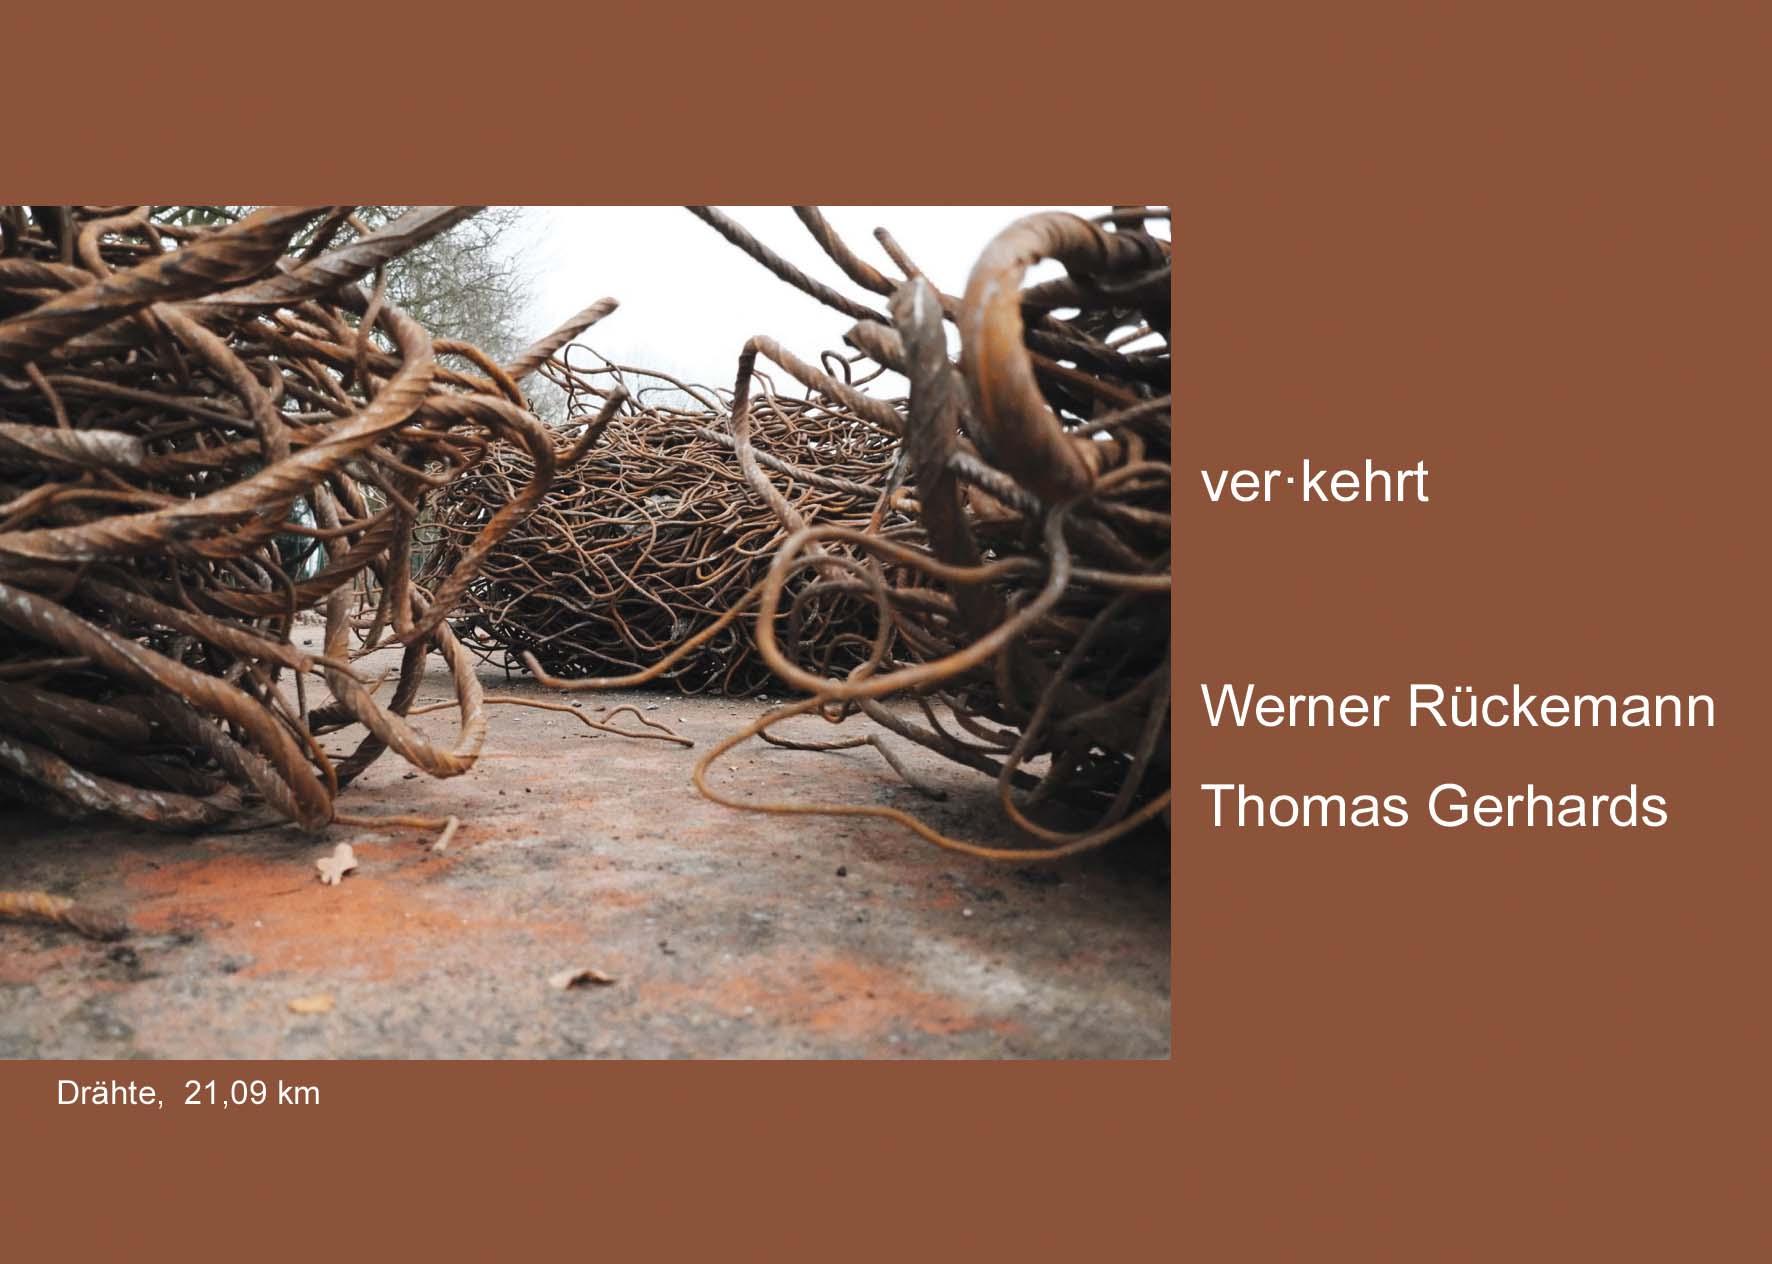 Eventbild für Werner Rückemann und Thomas Gerhards /// ver.kehrt